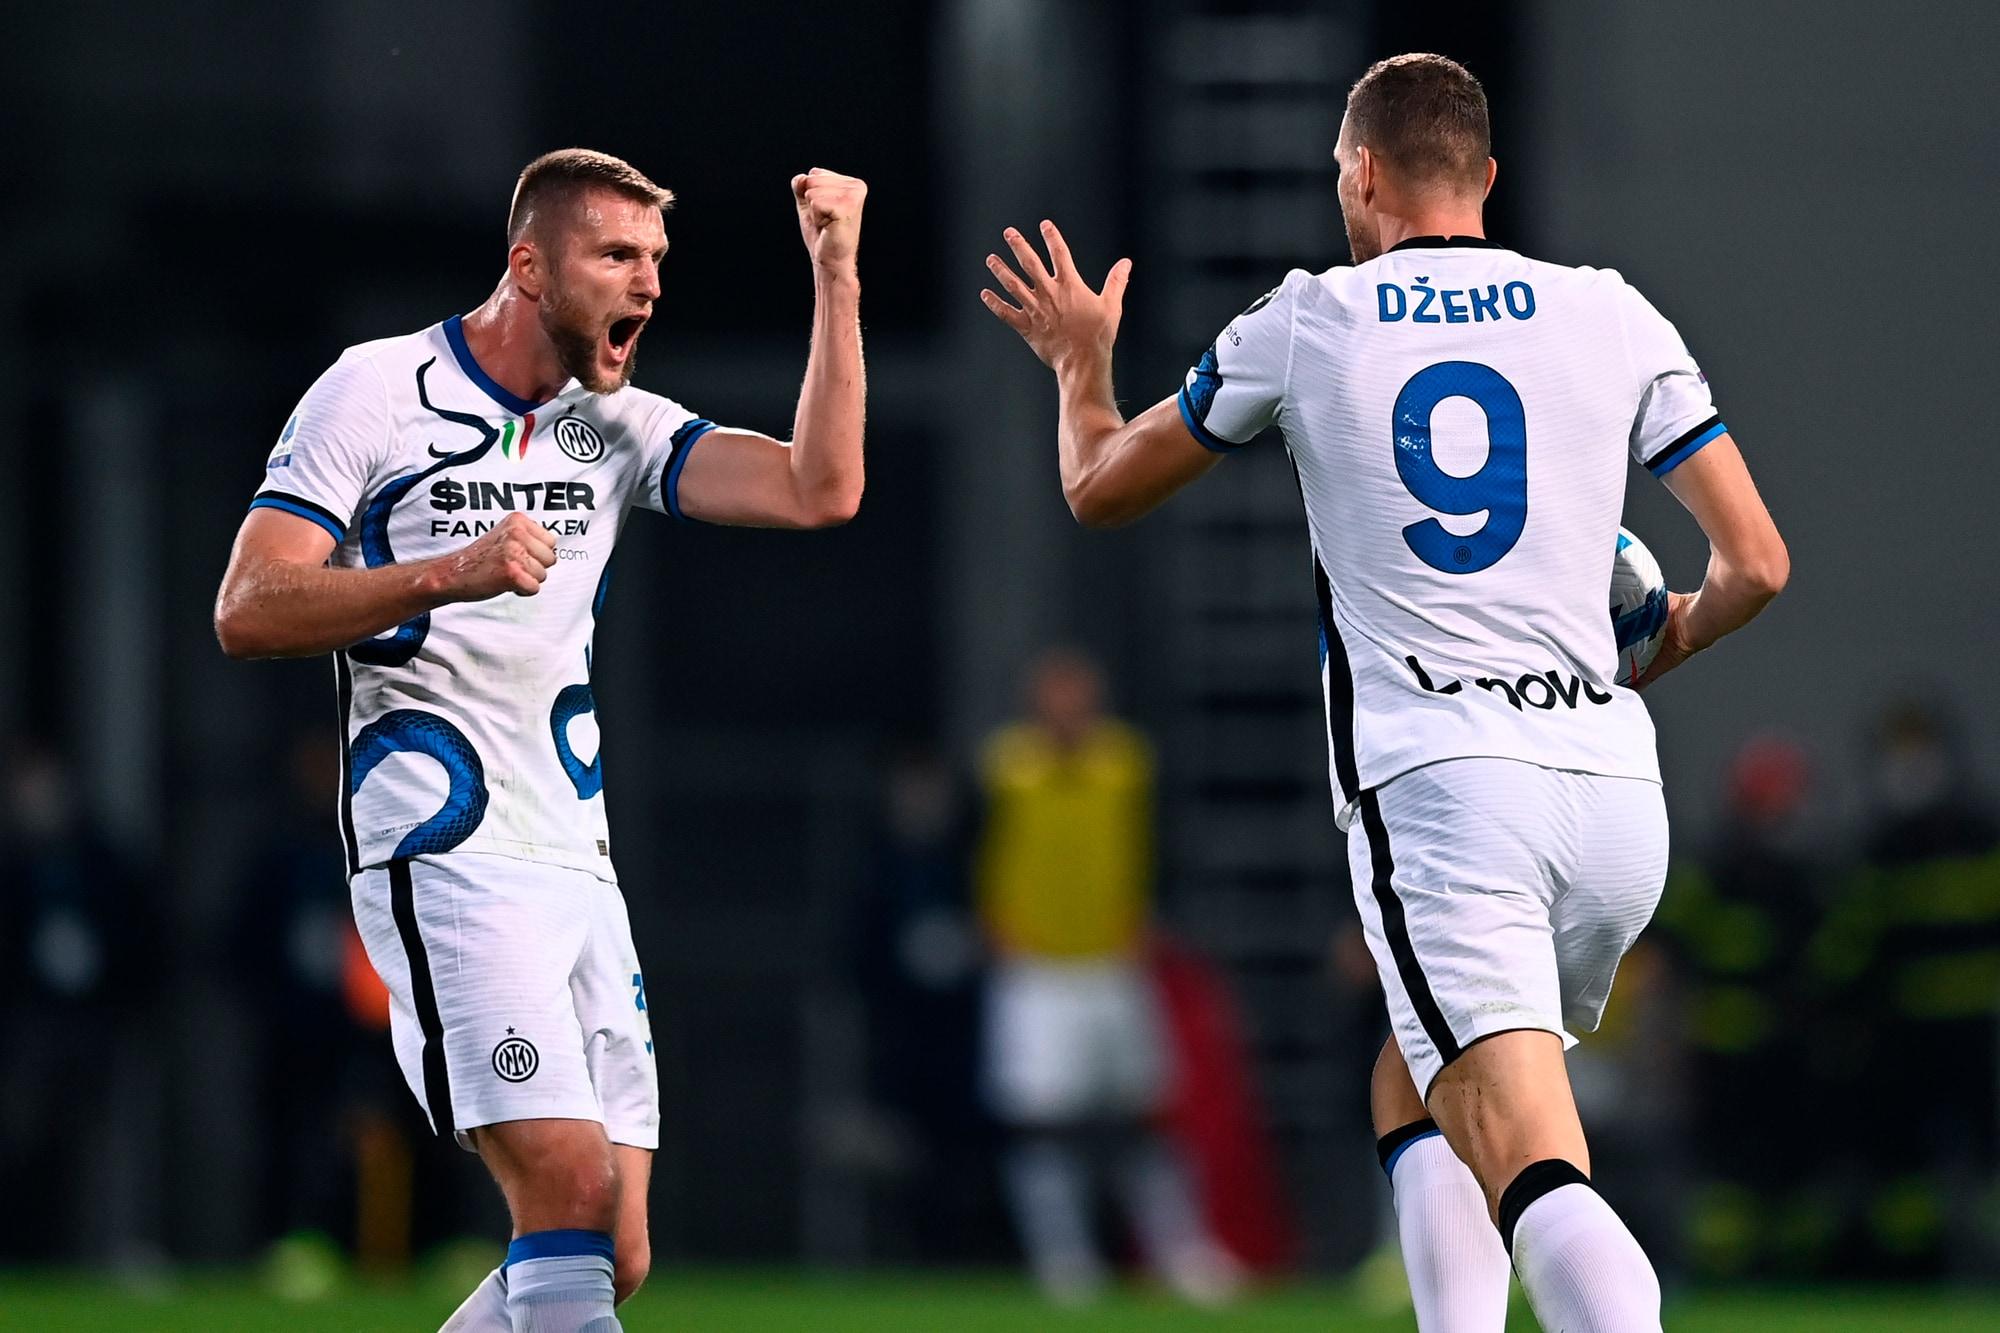 Dzeko trascinatore: l'Inter trema poi rimonta con il Sassuolo